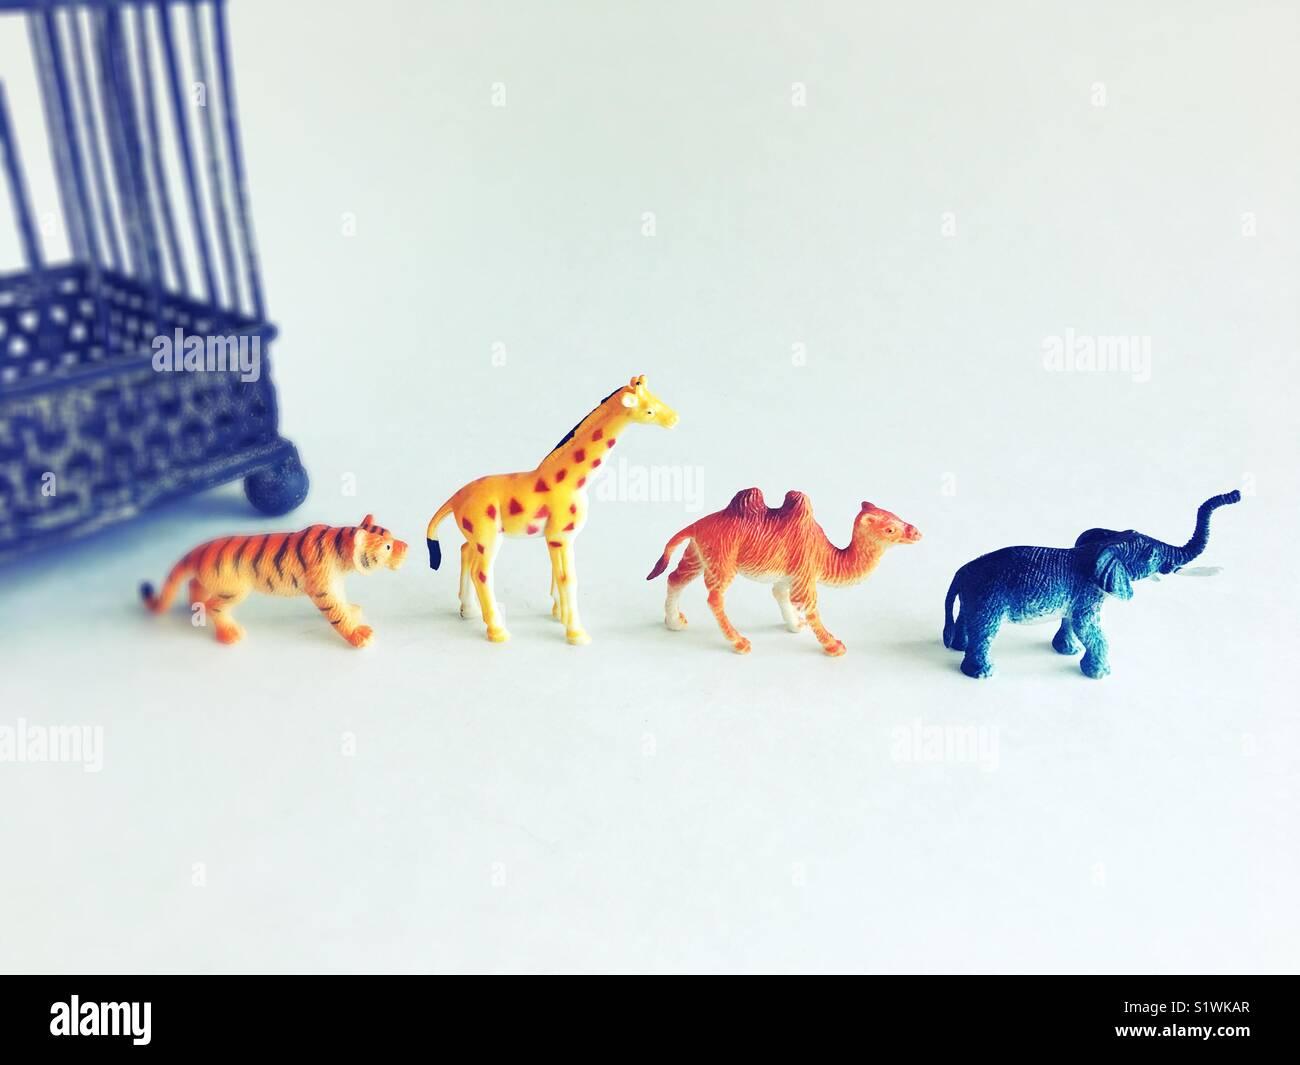 Toy animali selvatici a piedi da una gabbia. Immagini Stock